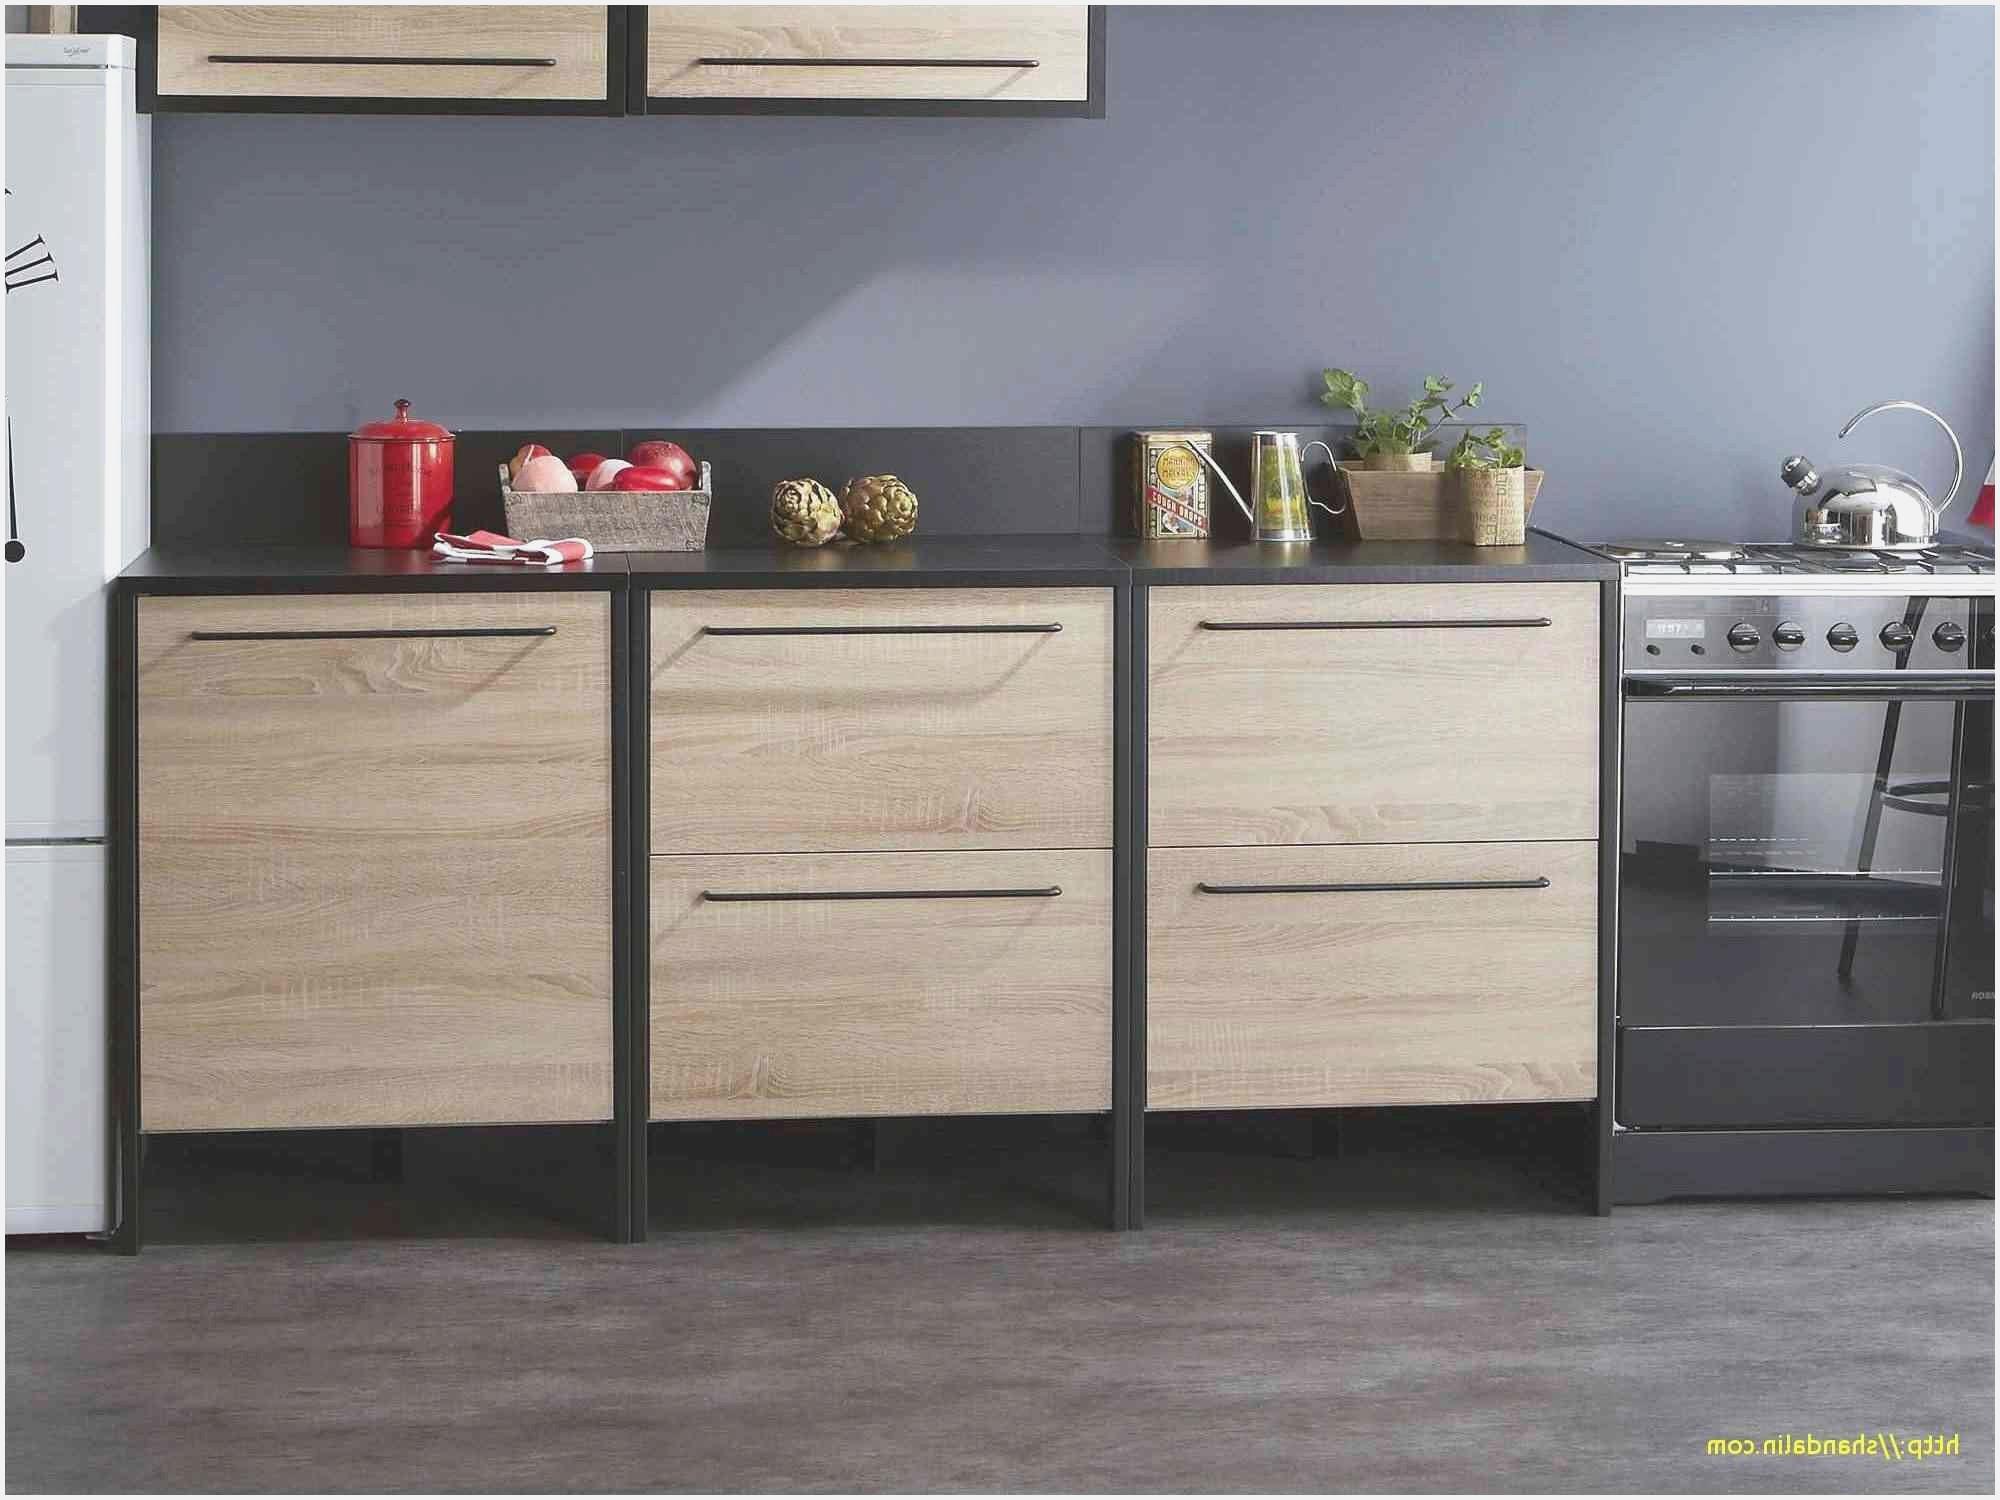 meuble bas d angle meuble d angle bas cuisine chauffeuse d 26 3bangle 0d ideen von of meuble bas d angle